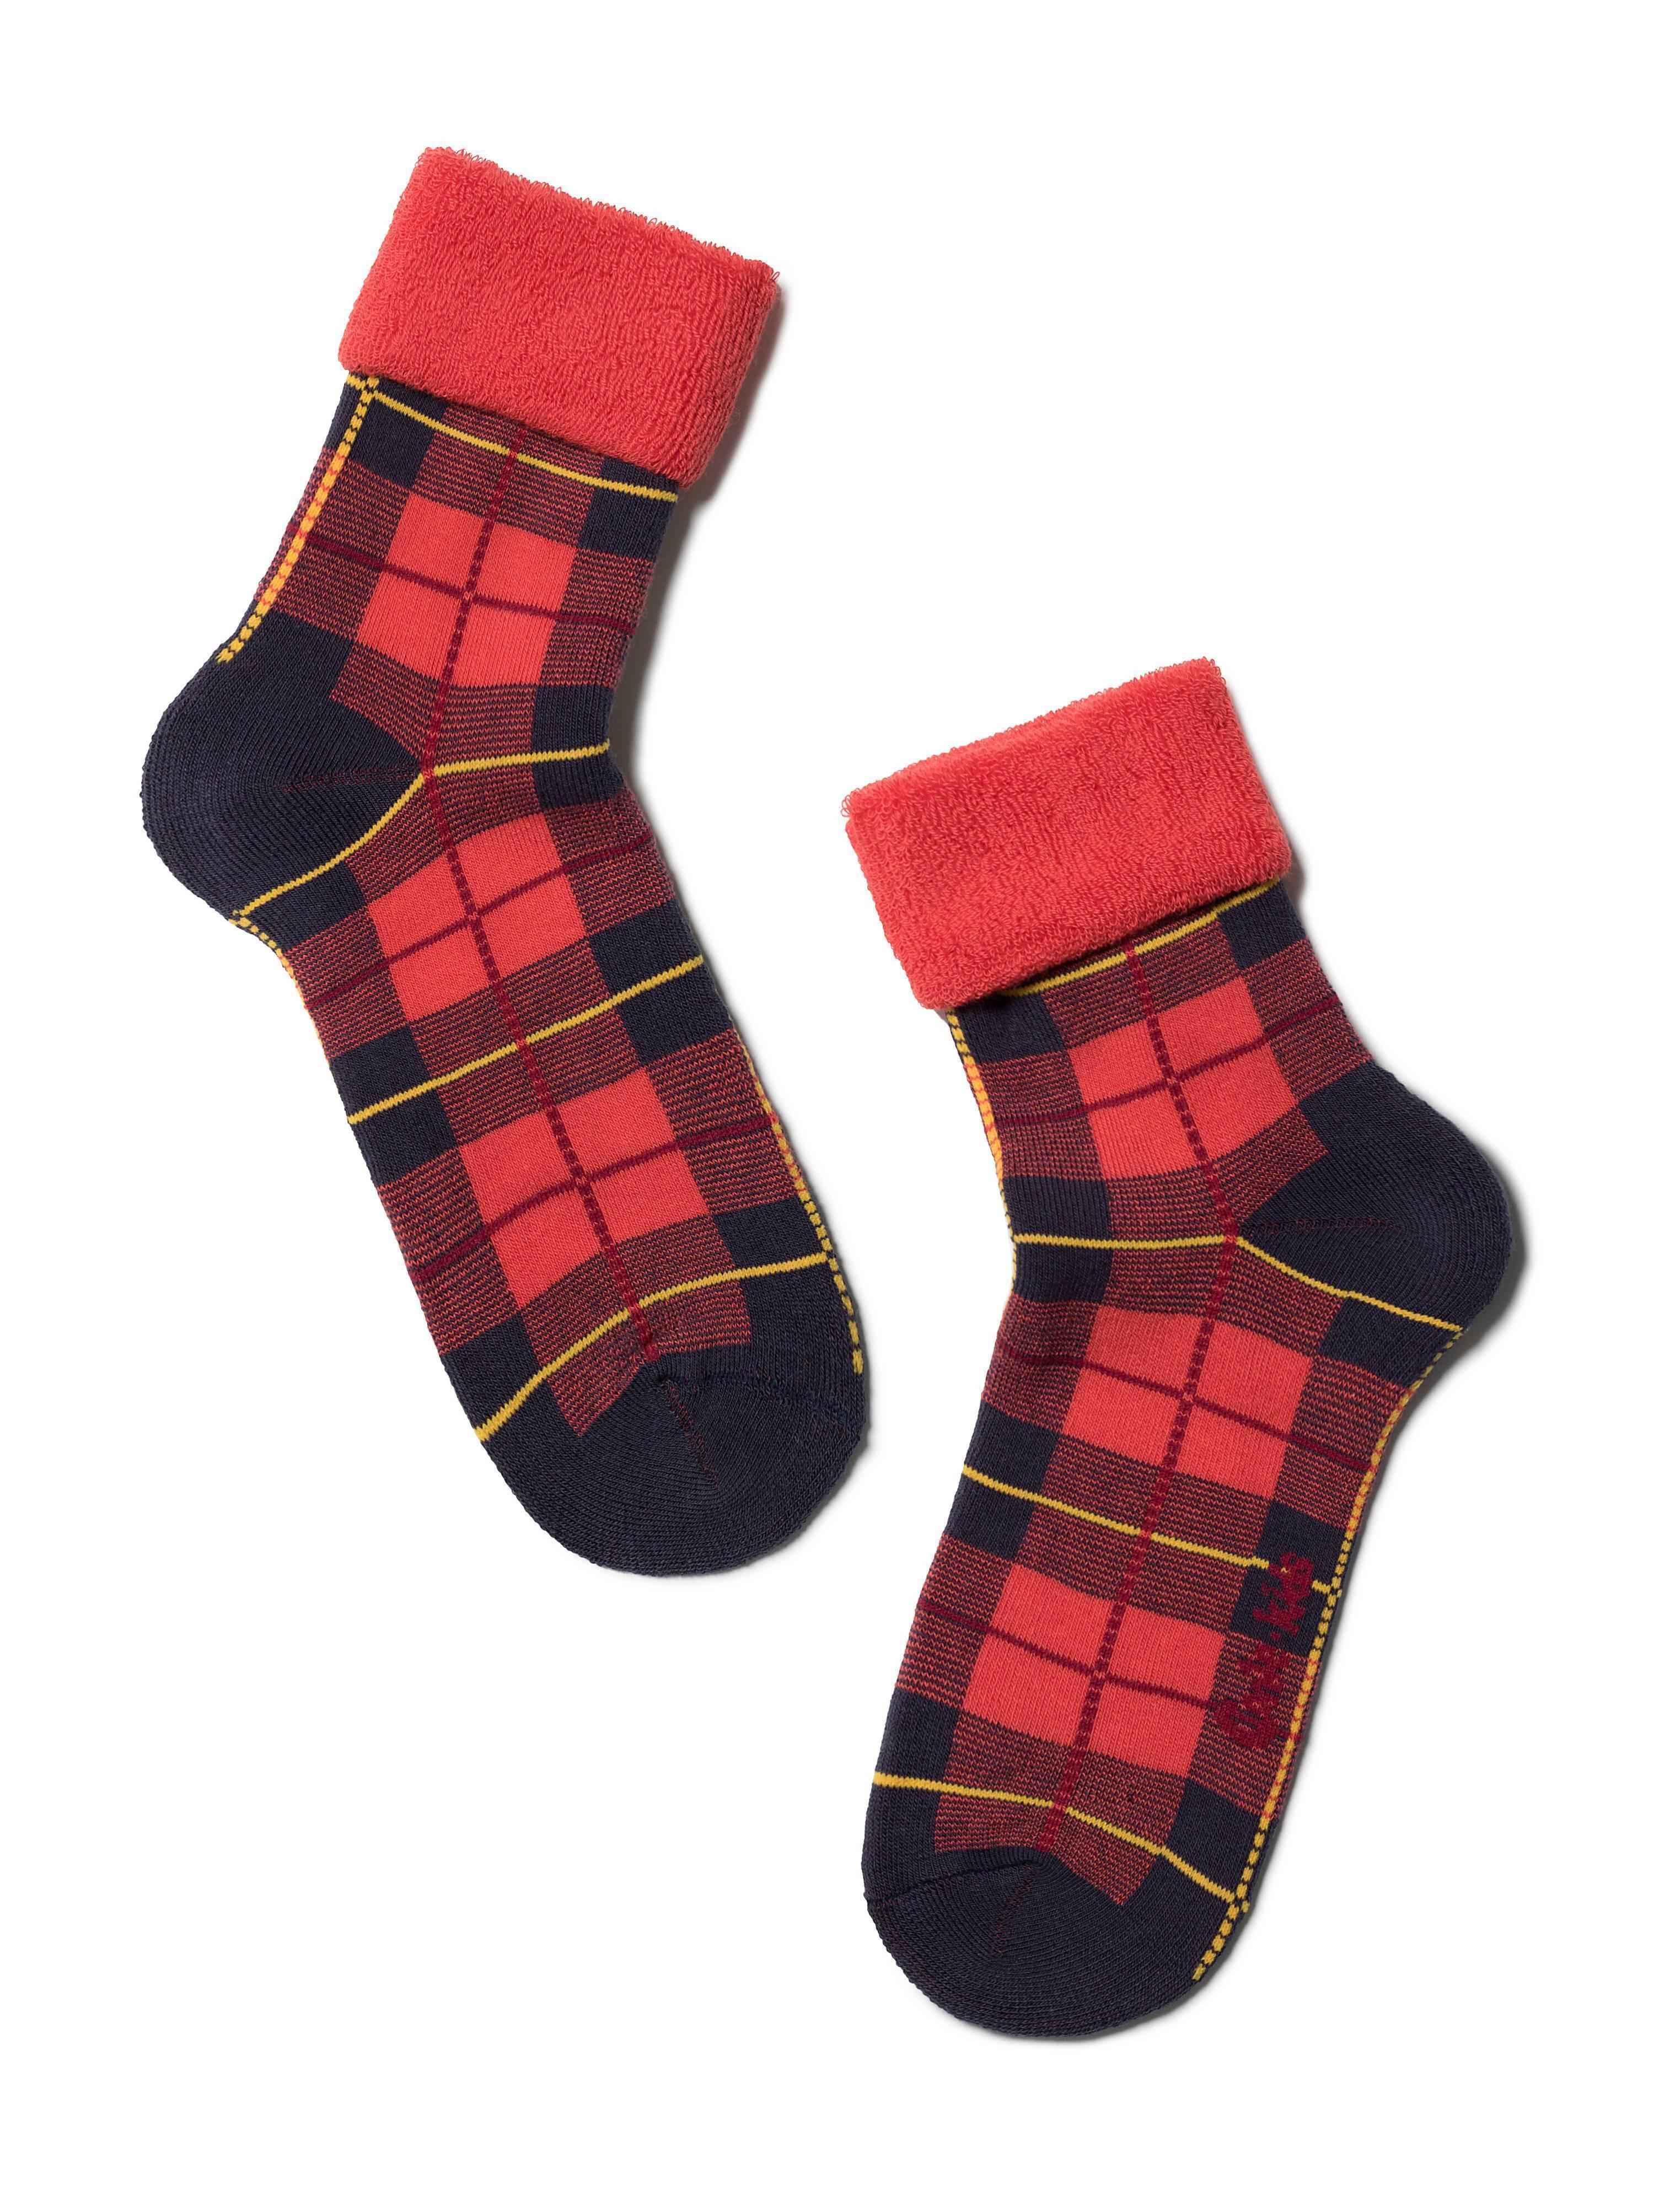 Носки хлопковые детские ⭐️ Махровые носки SOF-TIKI с отворотом ⭐️